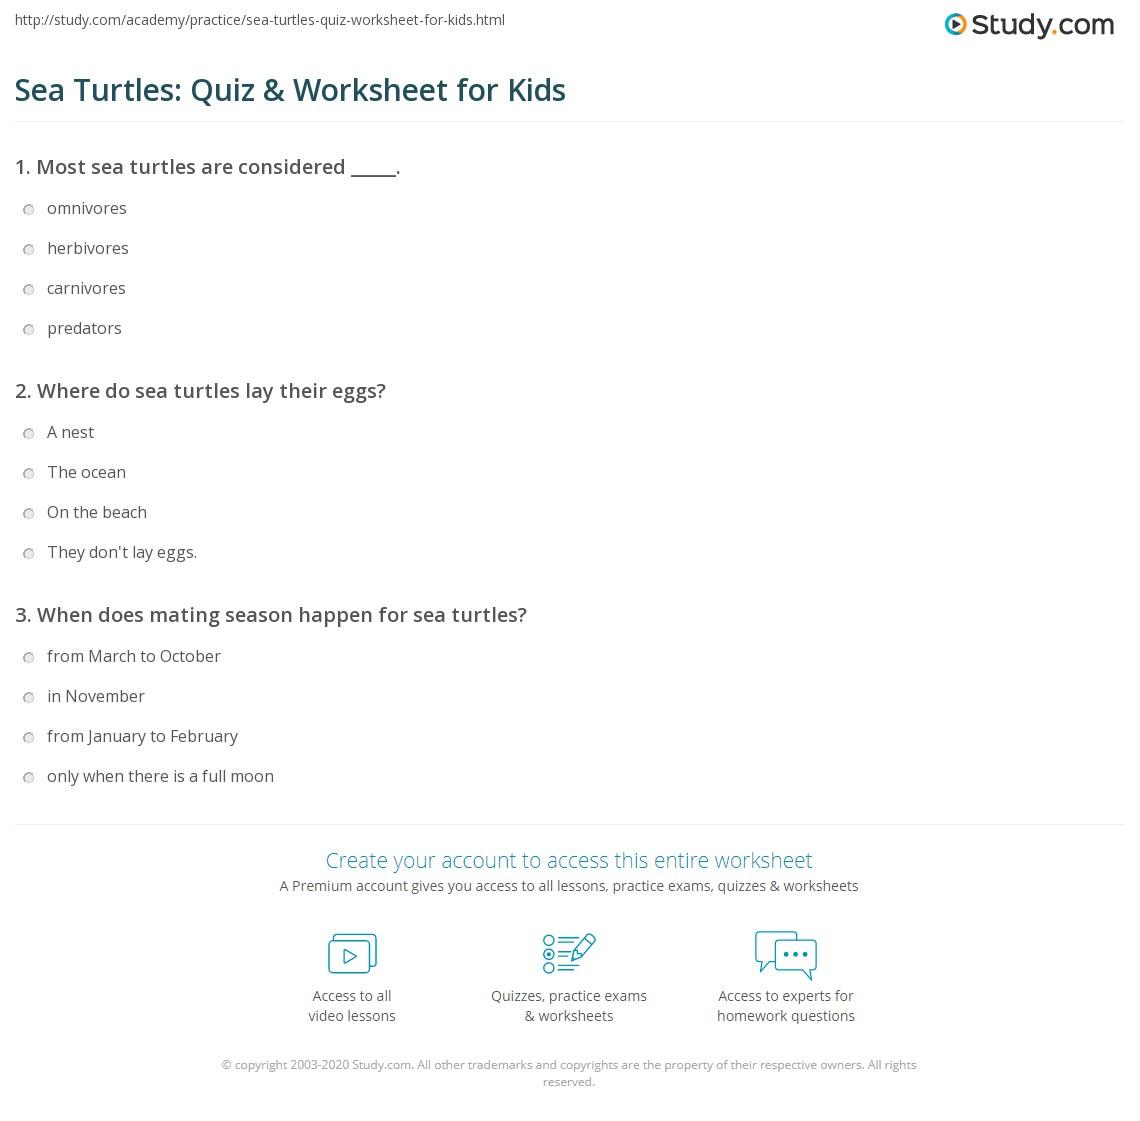 Prime Number Turtles | Worksheet | Education.com